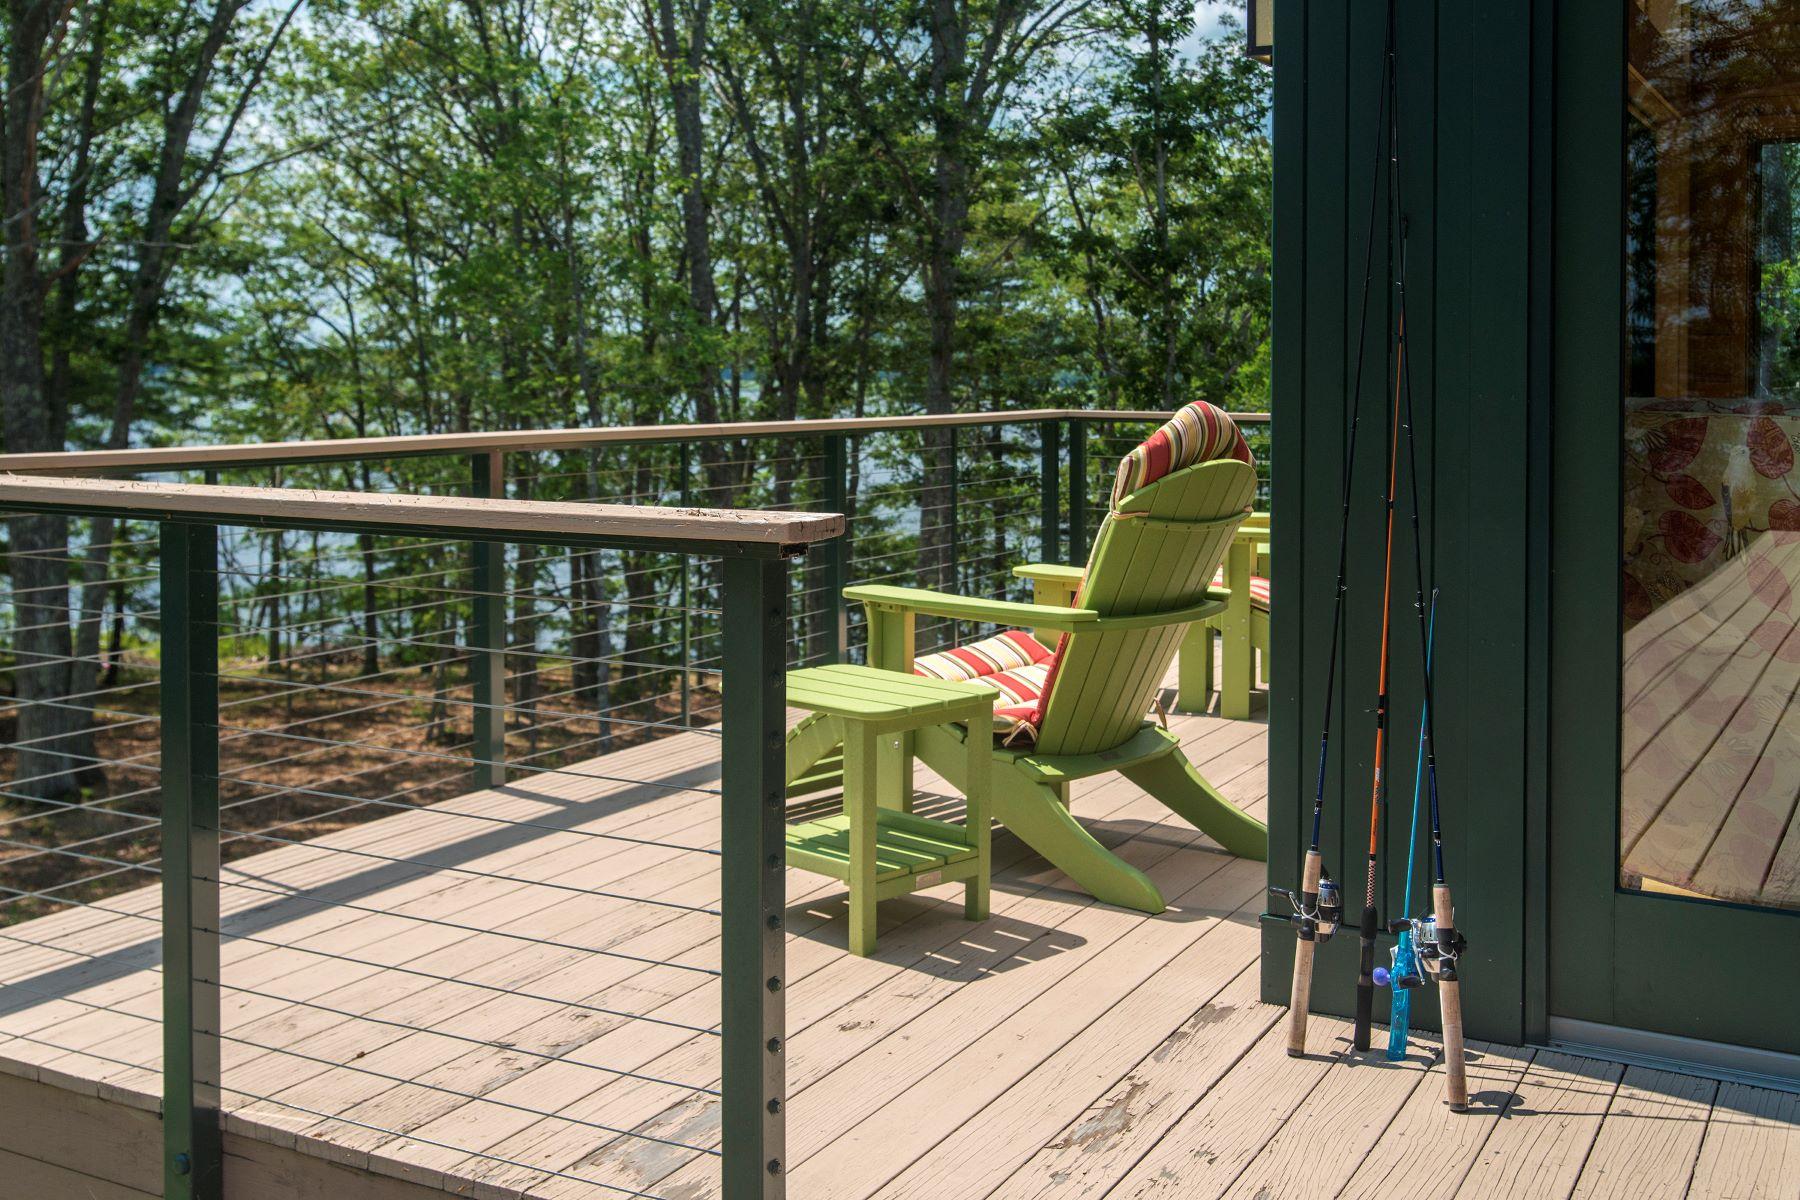 سكني الآخرين للـ Rent في 747 Center Point Road, Bowdoinham, ME 747 Center Point Road Bowdoinham, Maine, 04008 United States